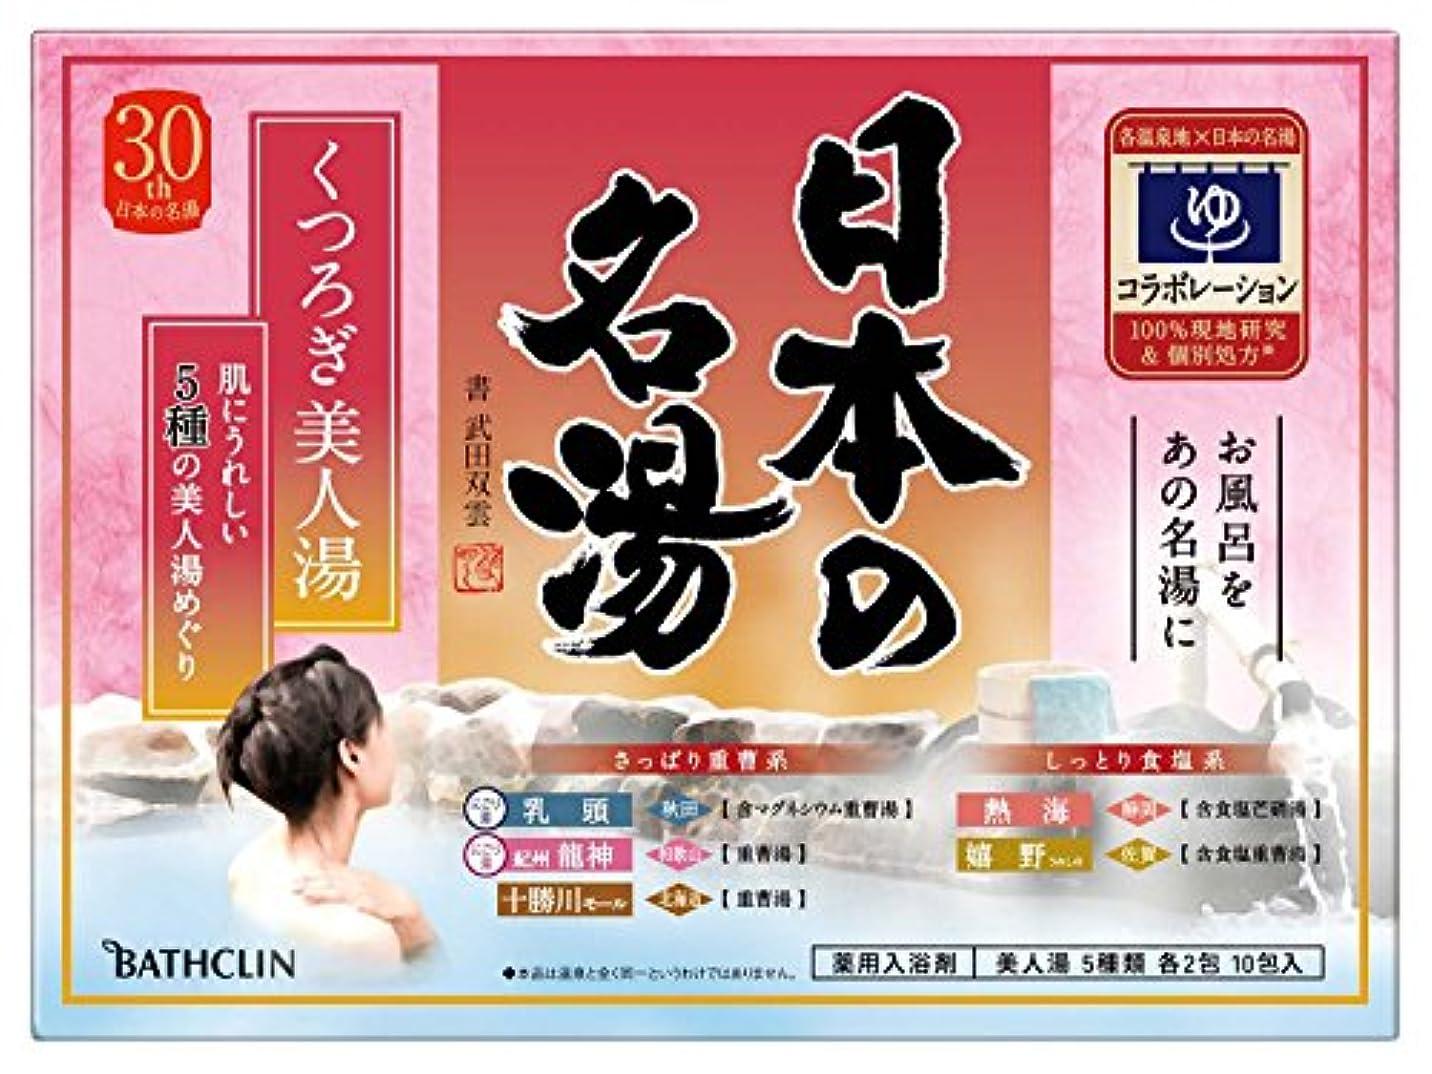 先駆者沿って排出【医薬部外品】日本の名湯入浴剤 くつろぎ美人湯 30g ×10包 個包装 詰め合わせ 温泉タイプ